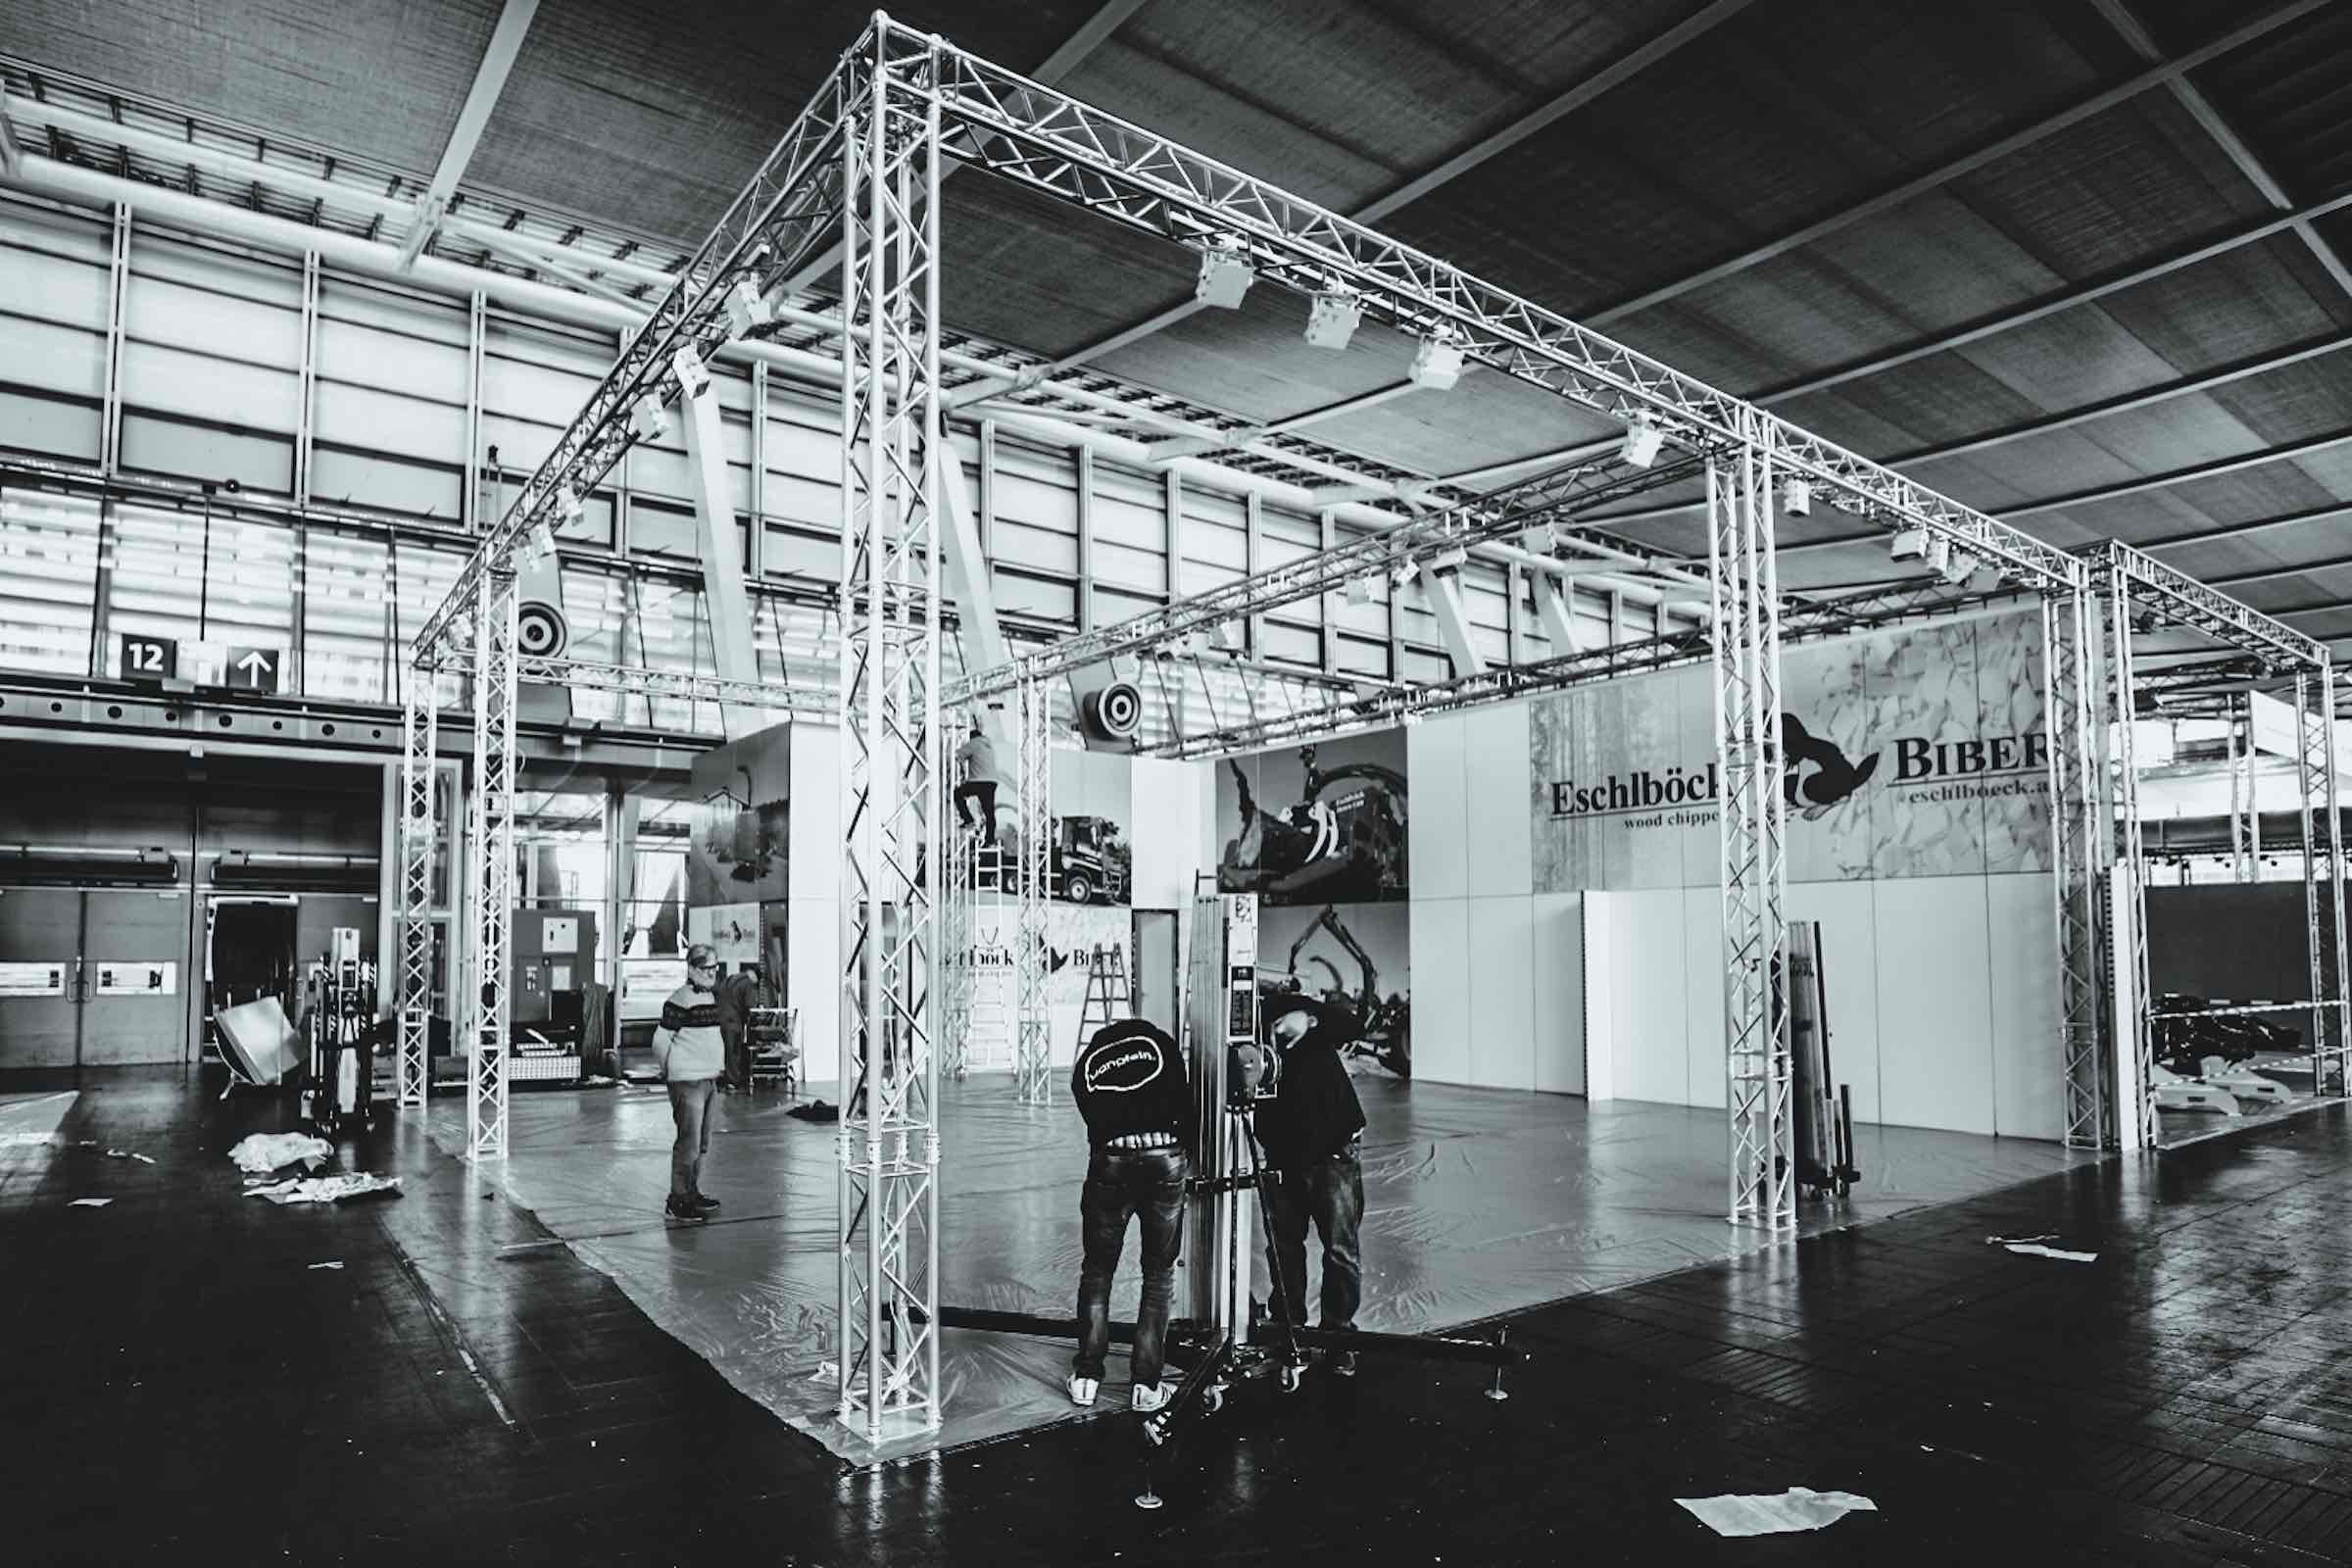 Messebau |Standbau |Messedesign |Traversen |Logistik |Lagerung |Aufbau |Mieten |Anfragen |Buchen |Messetechnik |Eventtechnik |Hannover |Lichttechnik |Lehmann |Eventservice